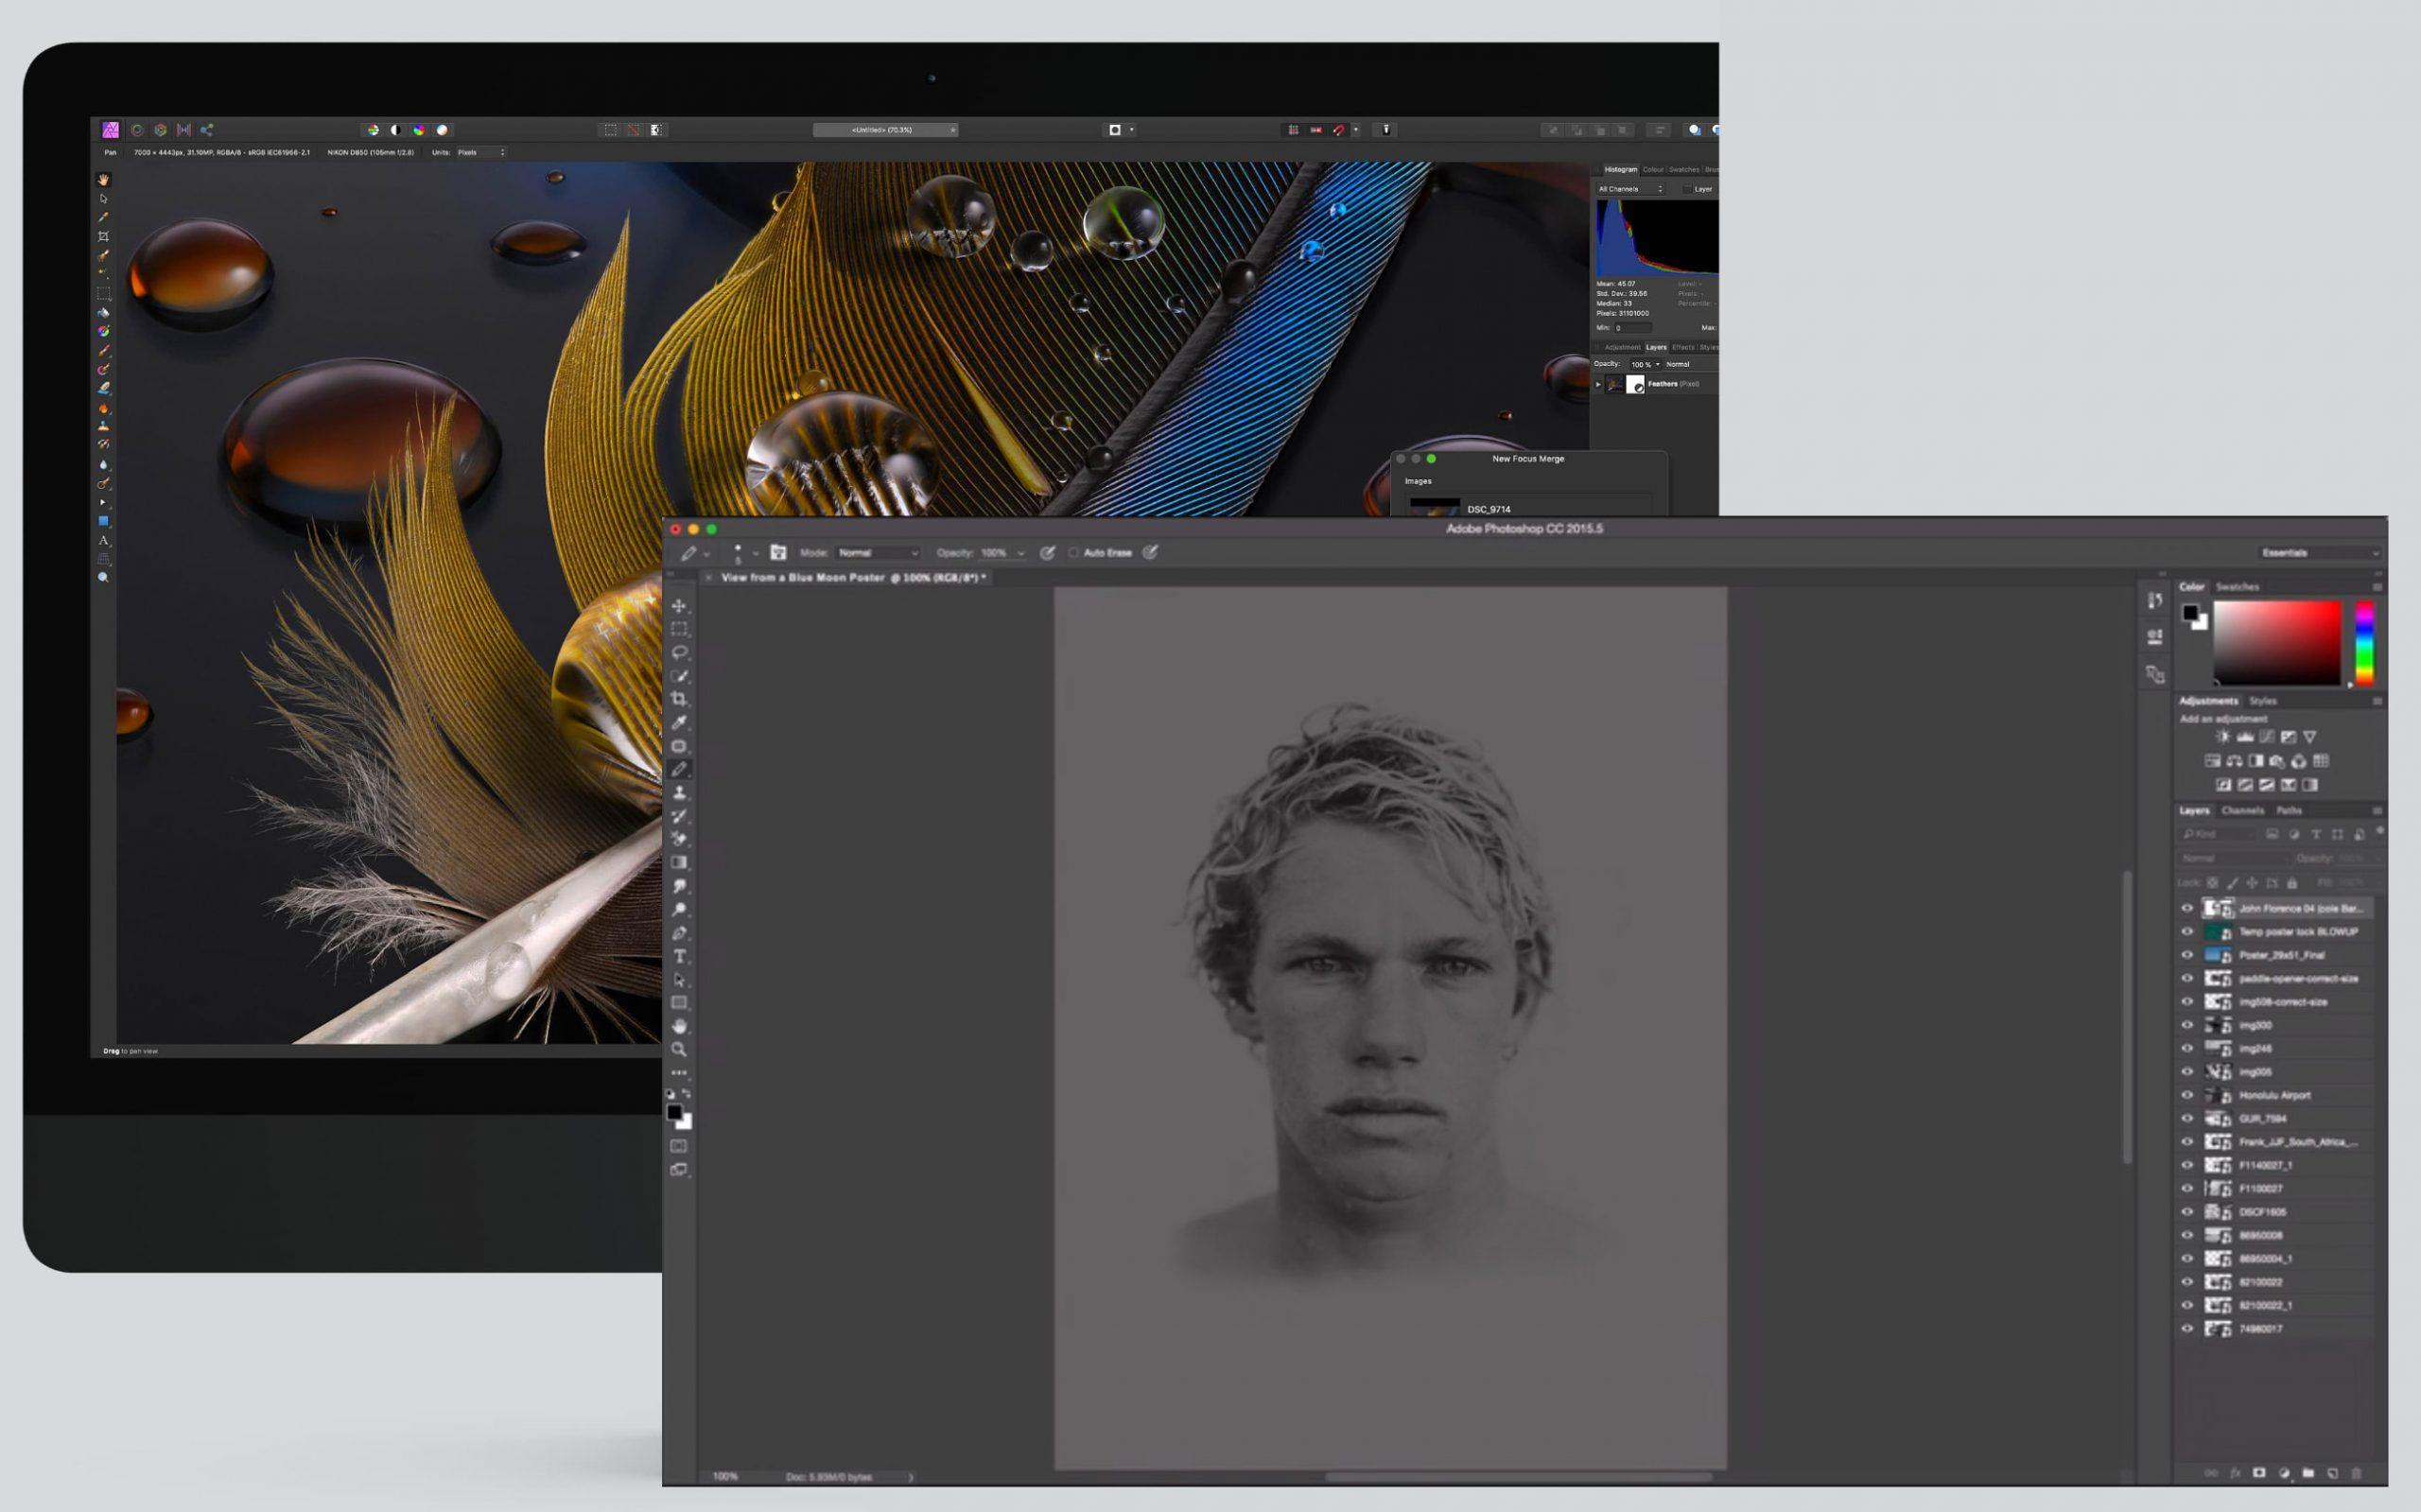 Diferencias entre Affinity Photo y Photoshop